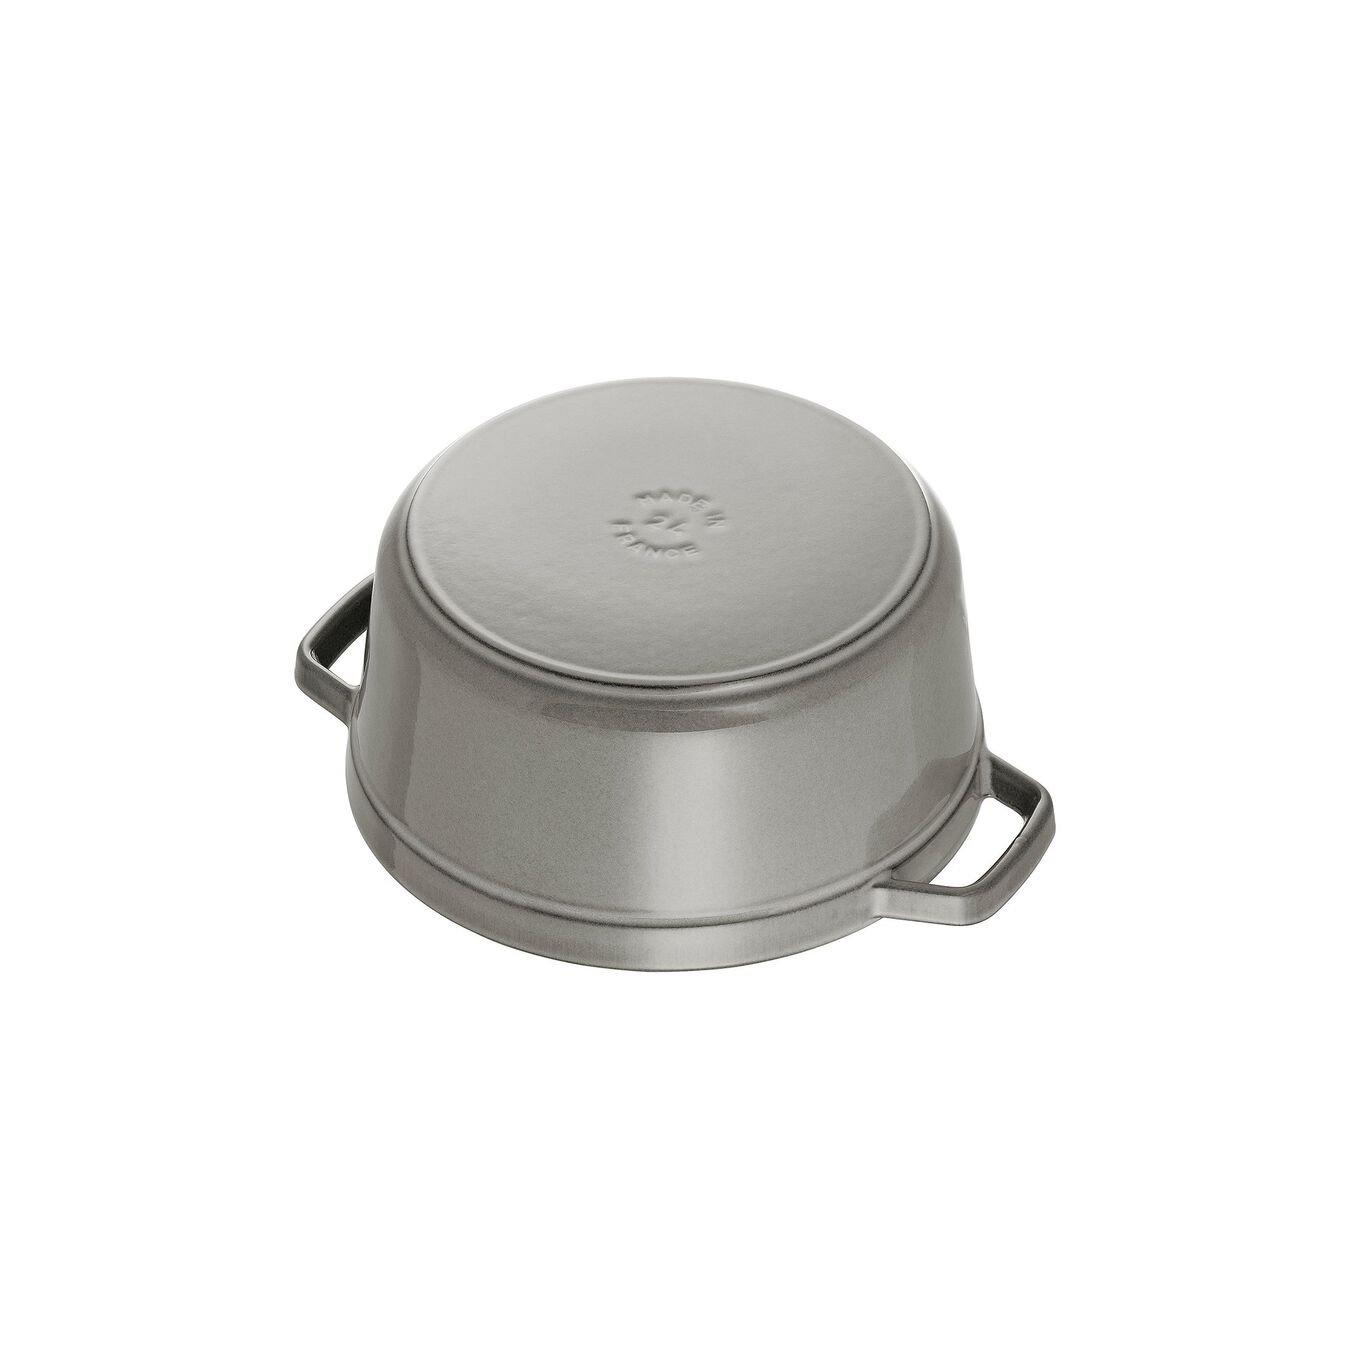 4-qt Round Cocotte - Graphite Grey,,large 3